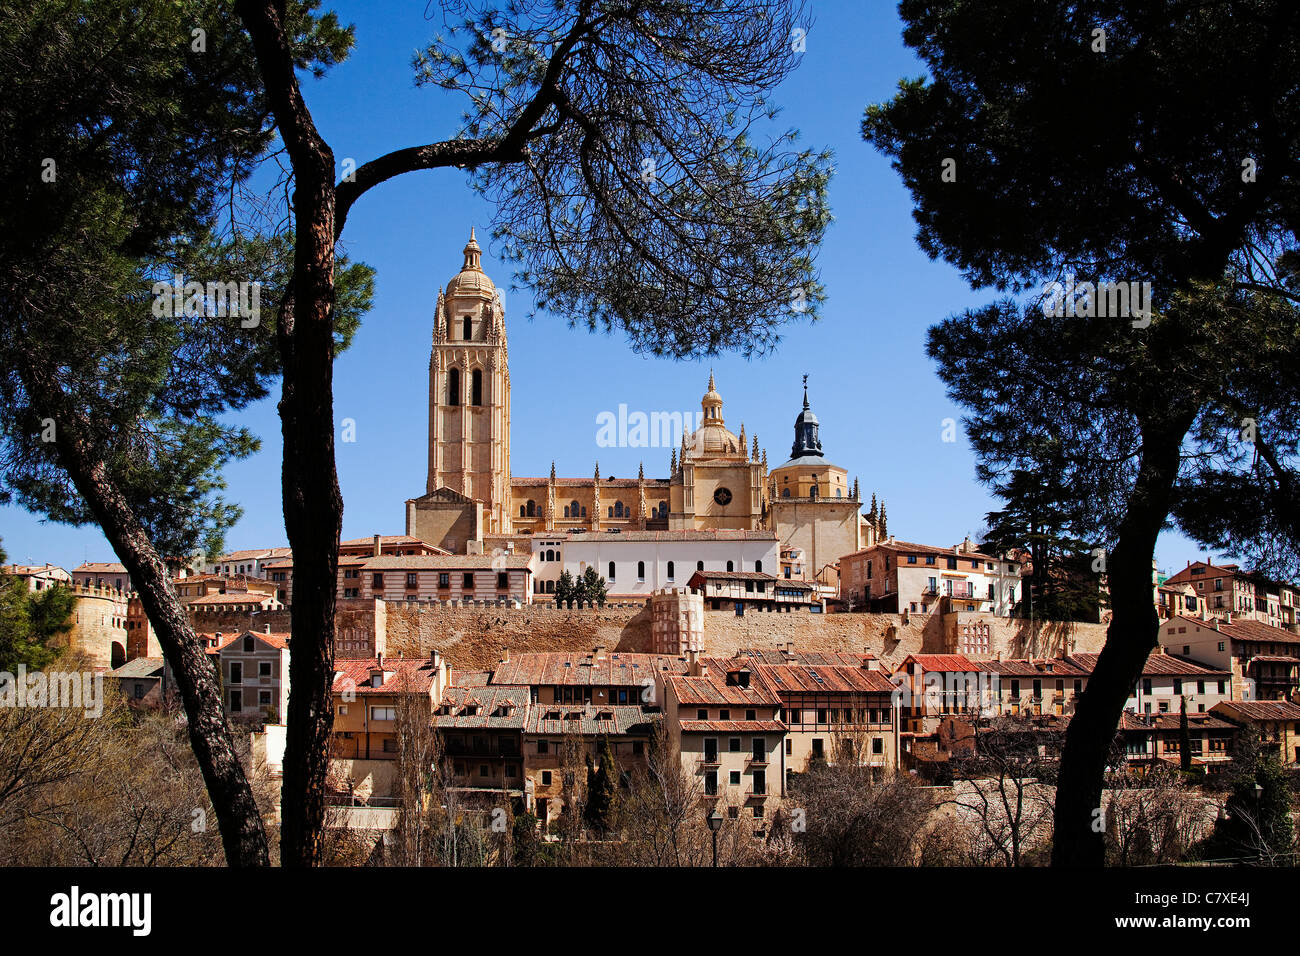 Historical Center and Cathedral of Segovia Castilla Leon Spain Centro histórico y Catedral de Segovia Castilla - Stock Image